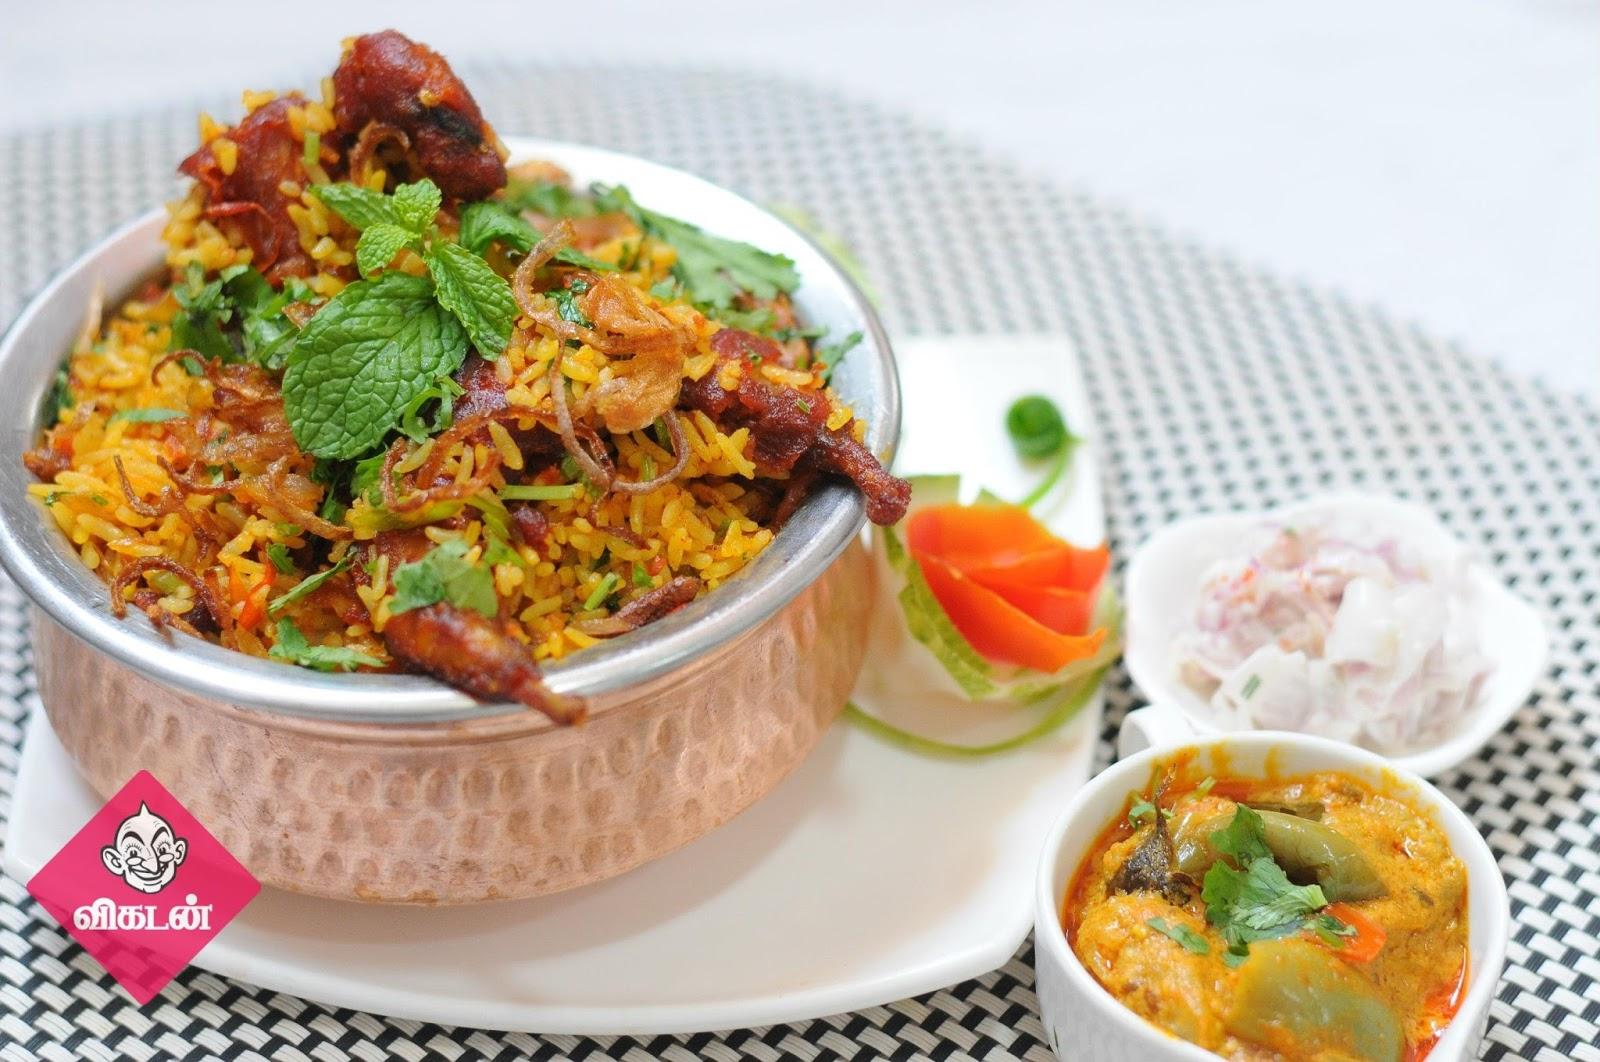 சென்னையில் இங்கலாம் பிரியாணி சாப்ட்டிருக்கீங்களா? #FoodGuide